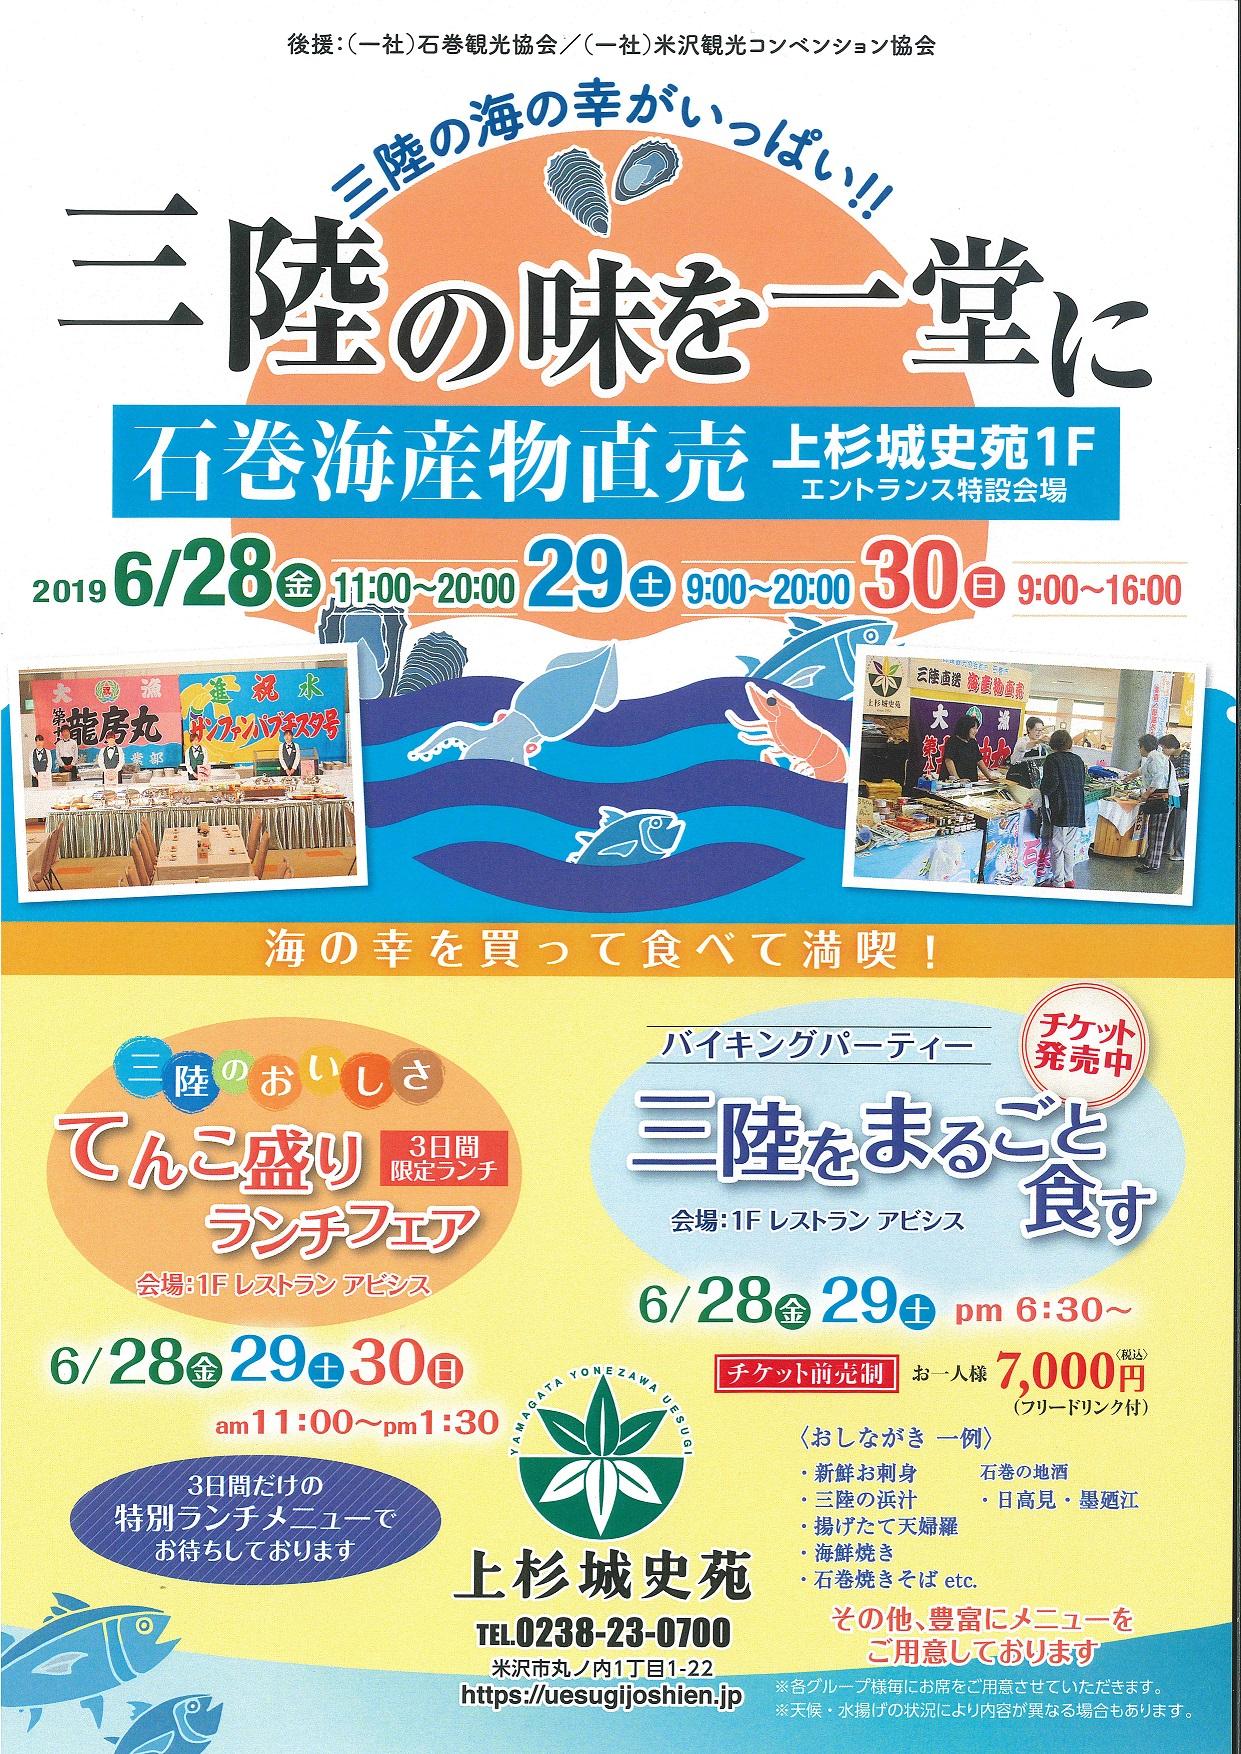 米沢・上杉城史苑で石巻海産物直売&ランチフェア開催!:画像